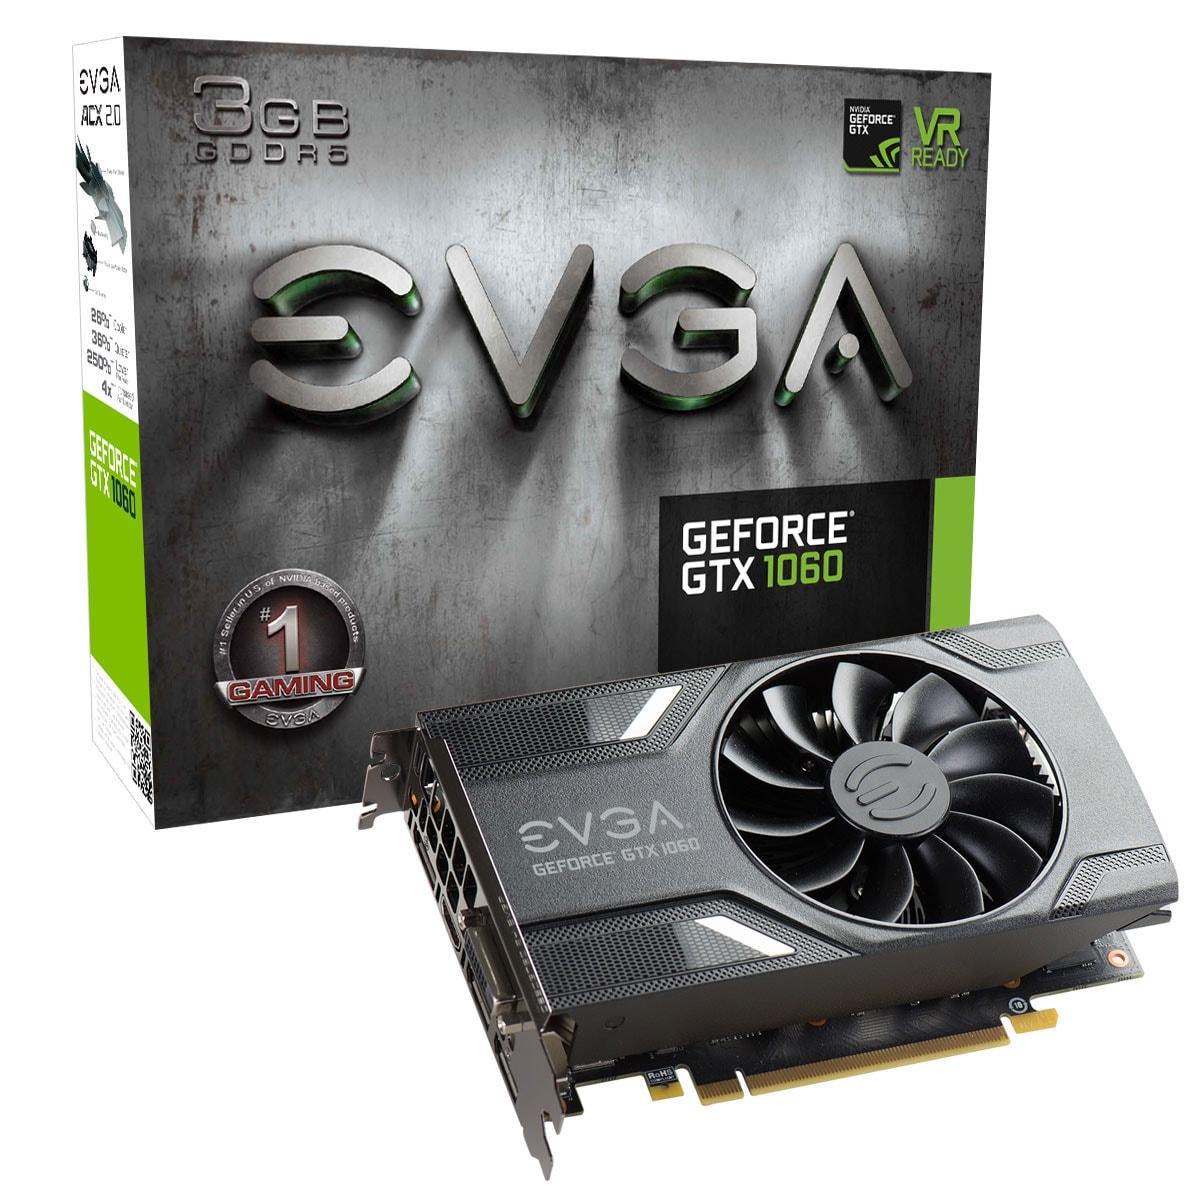 EVGA GTX 1060 Gaming 3G 6160 3Go - Carte graphique EVGA - 0